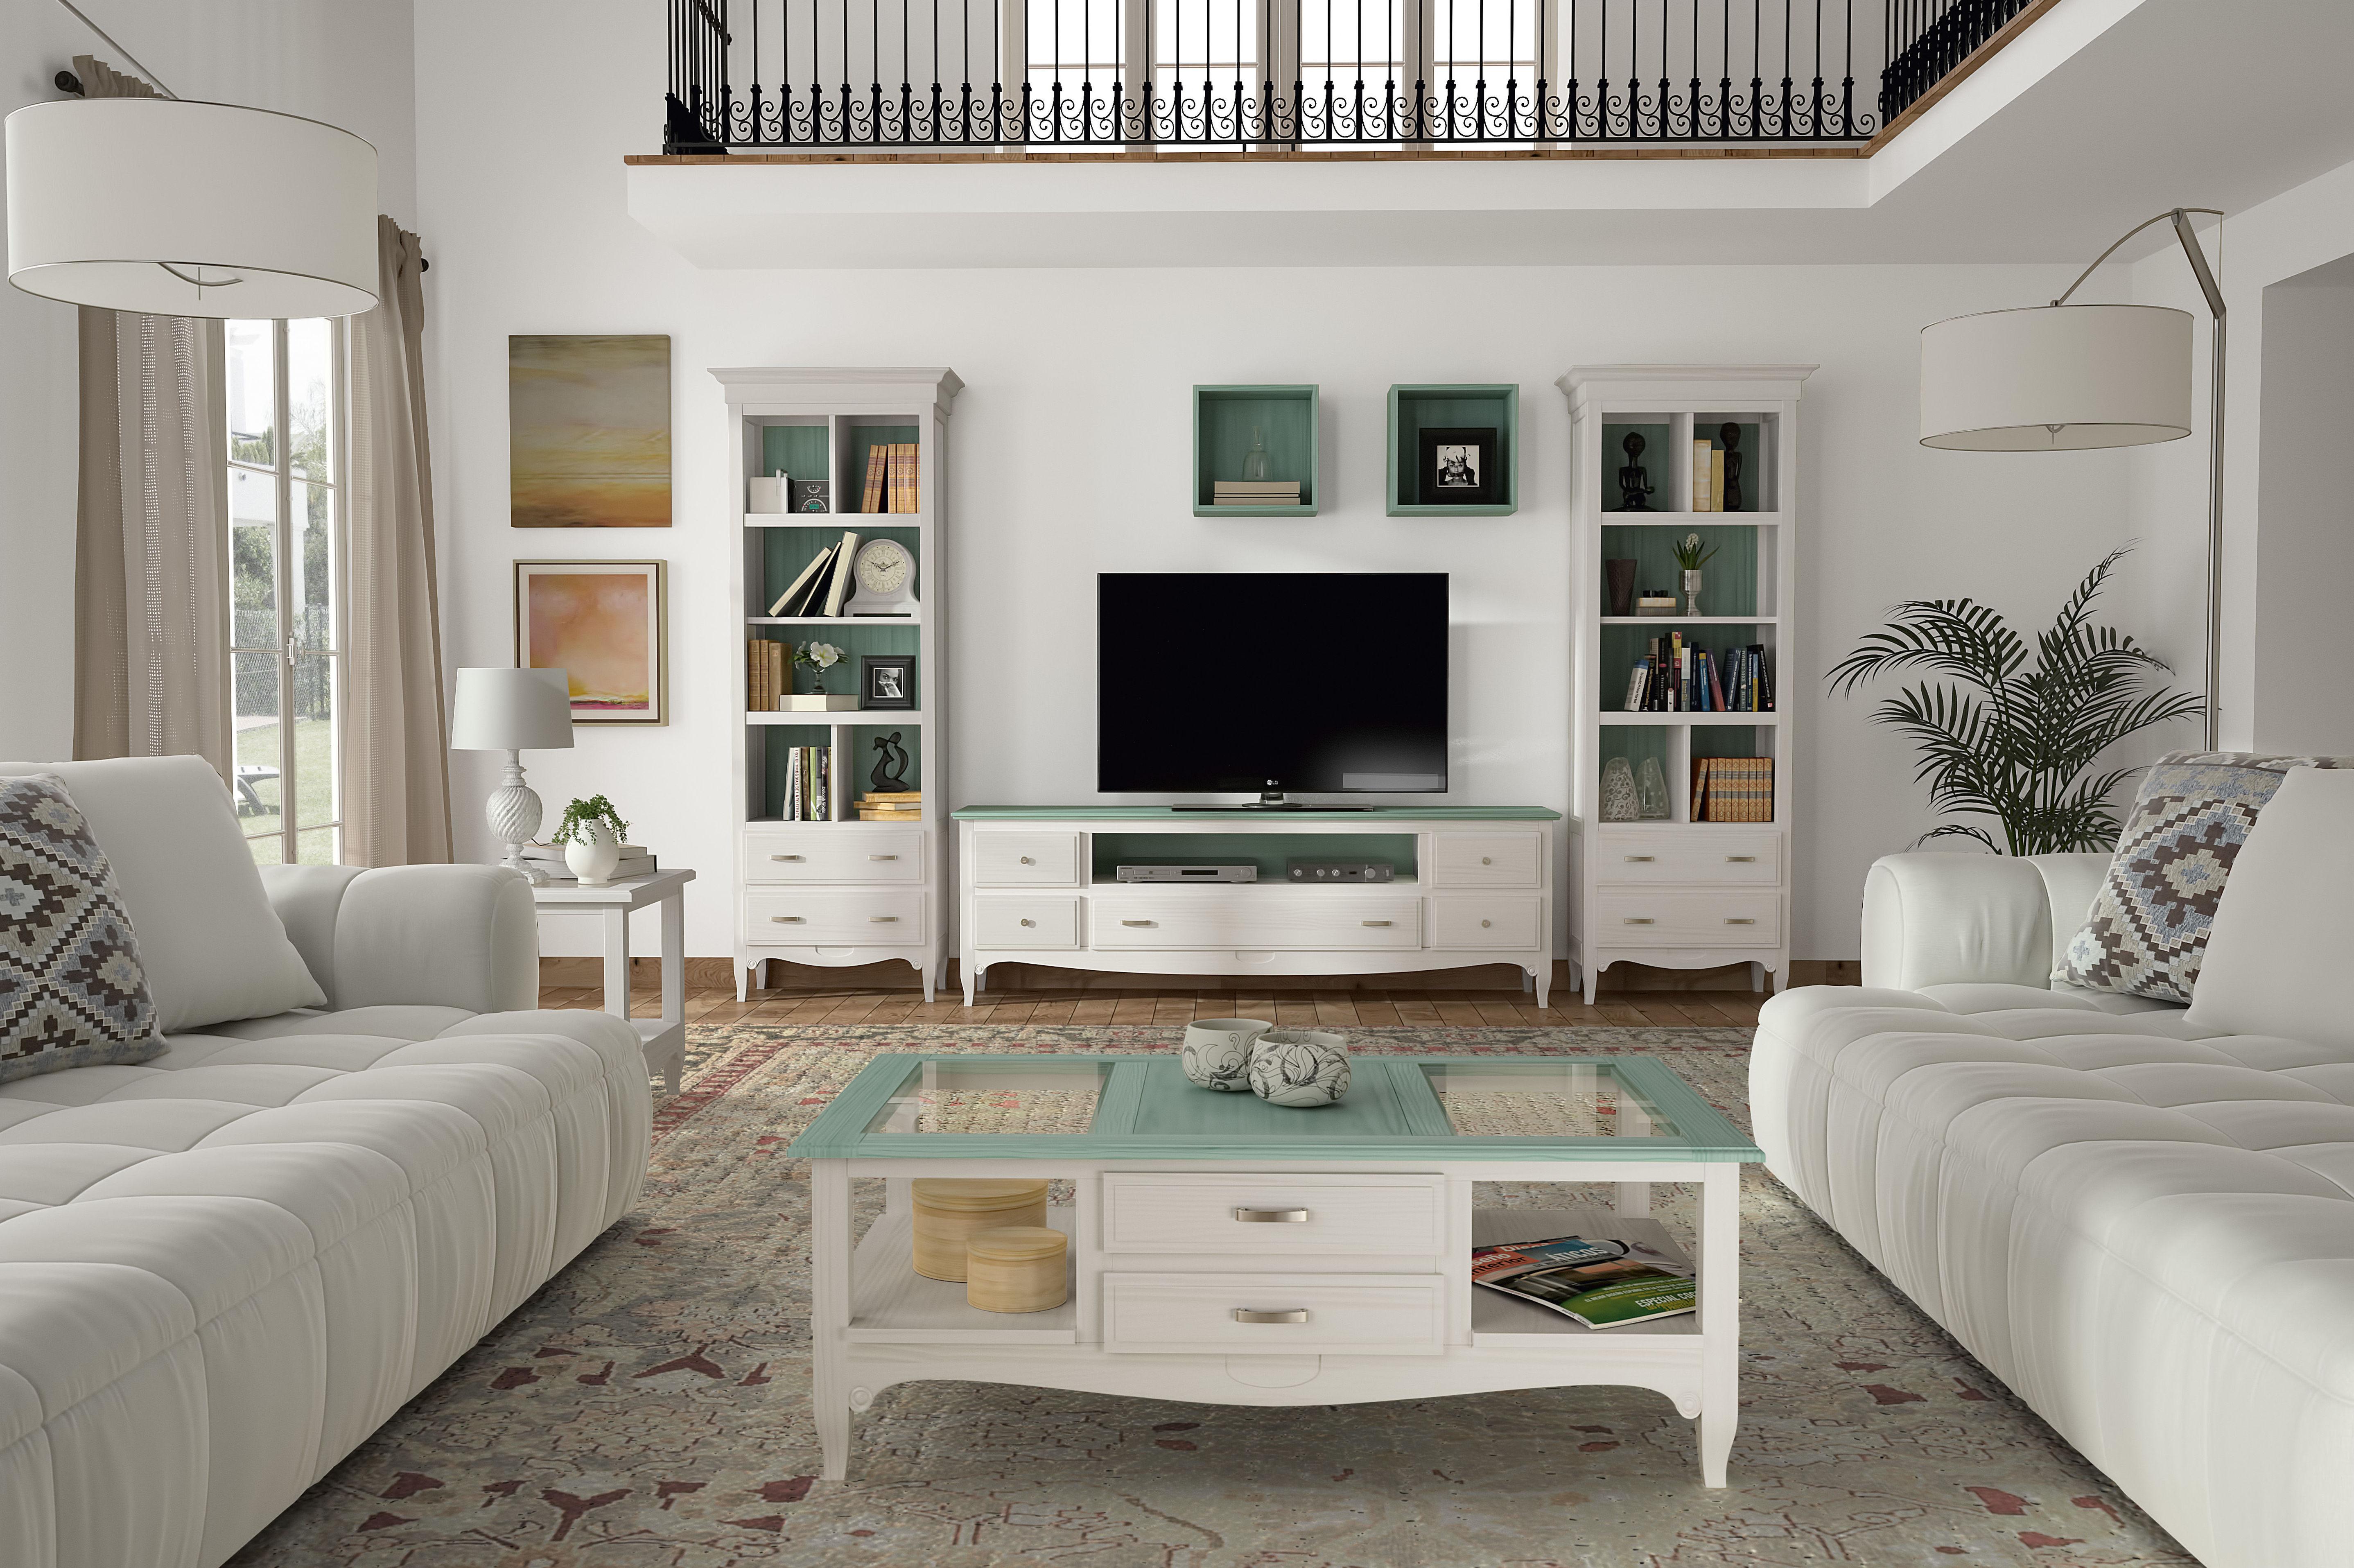 Foto 2 de muebles en m laga k barato muebles for Milanuncios muebles malaga